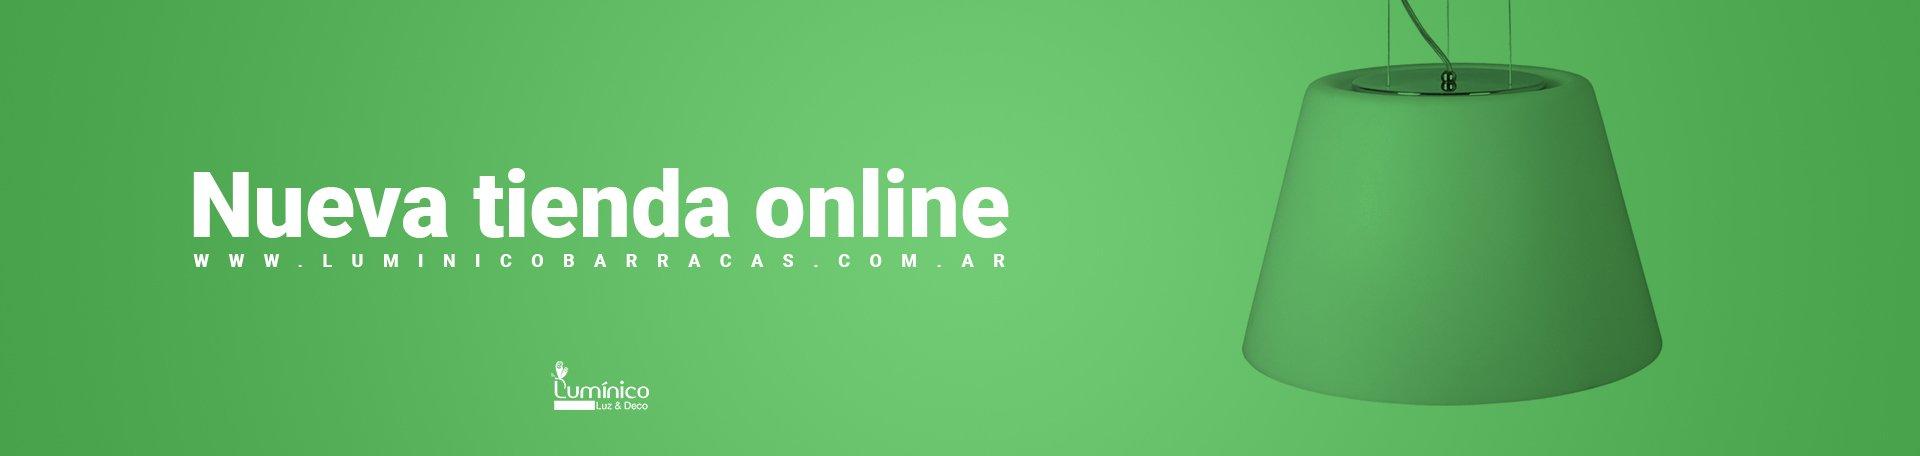 Tienda Online de Luminico Barracas